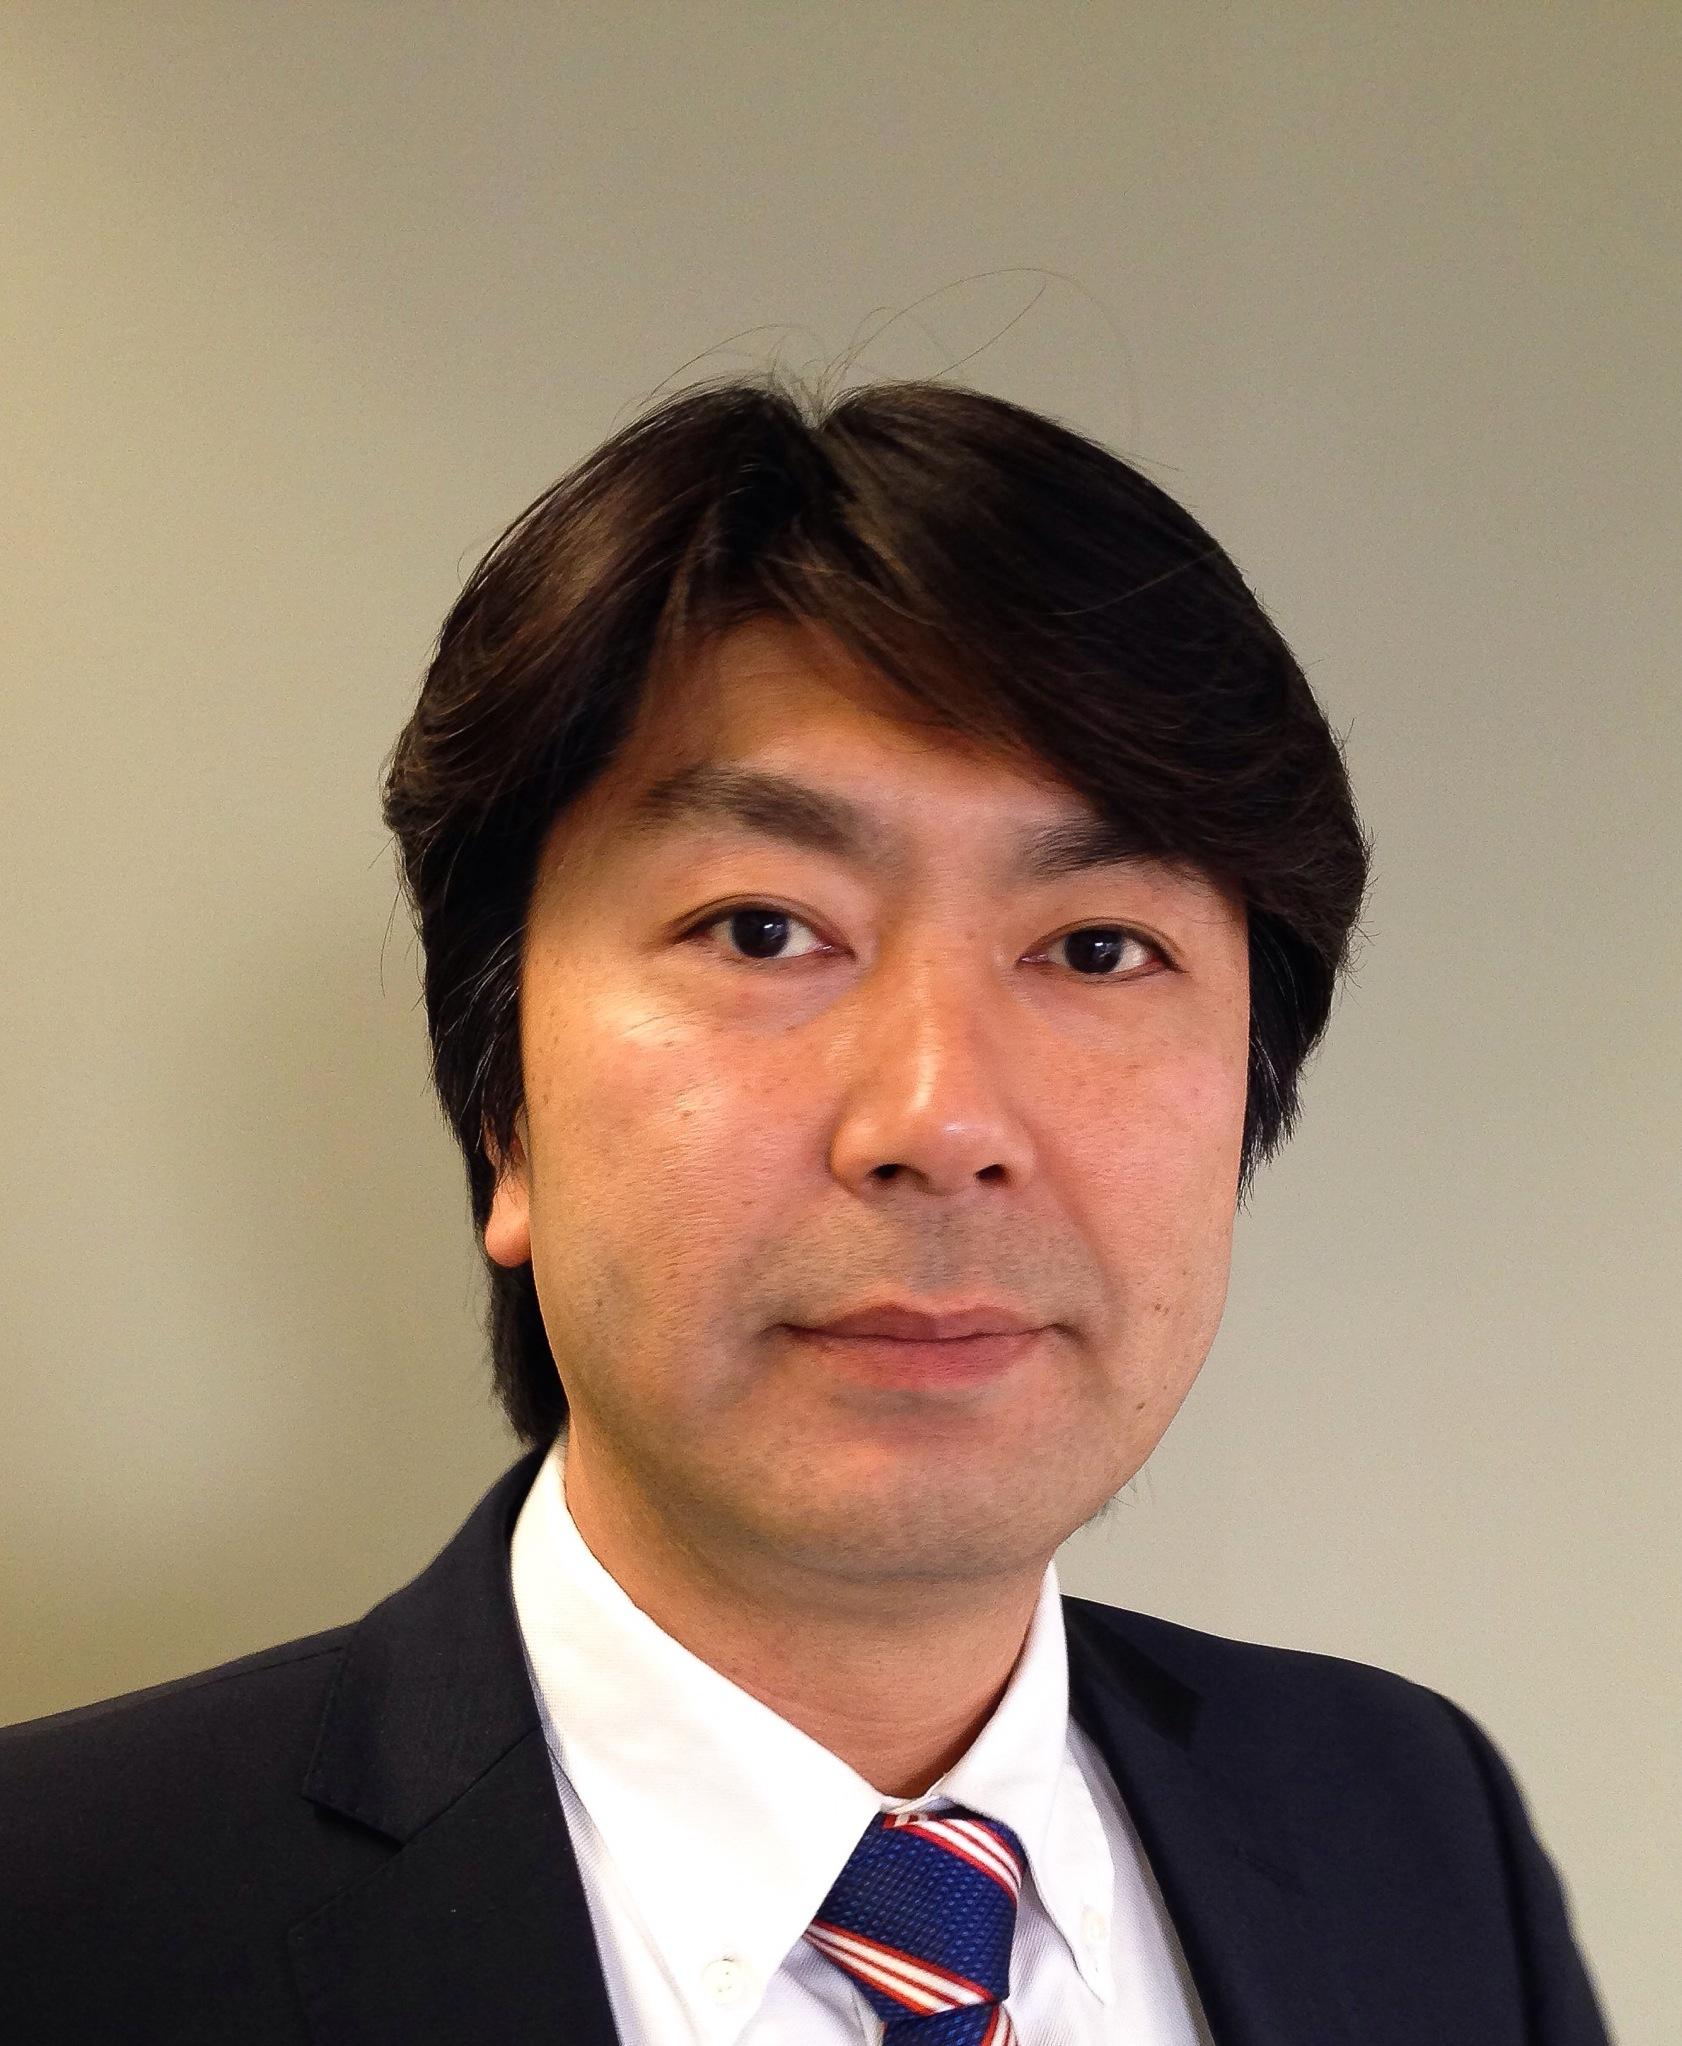 Shinya Takizawa